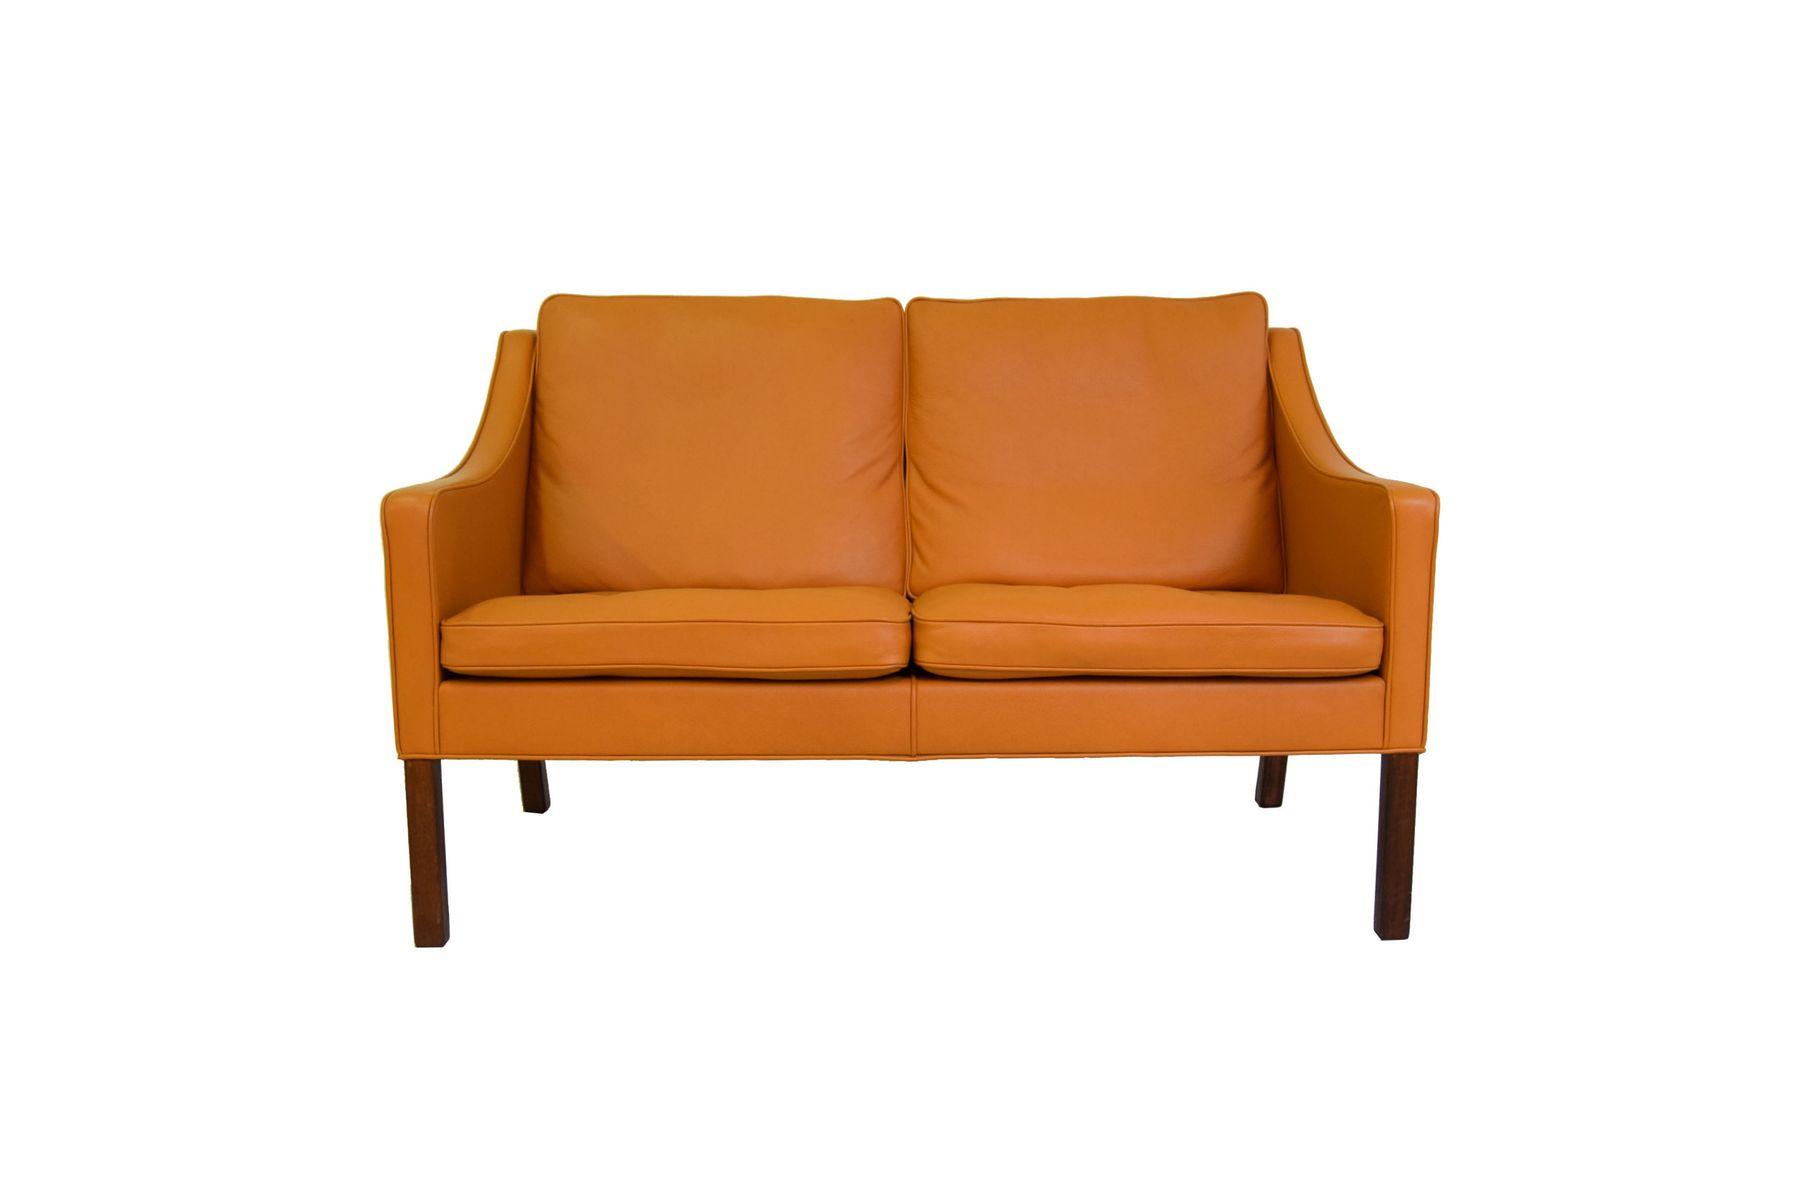 2208 zwei sitzer sofa von b rge mogensen f r fredericia furniture bei pamono kaufen. Black Bedroom Furniture Sets. Home Design Ideas